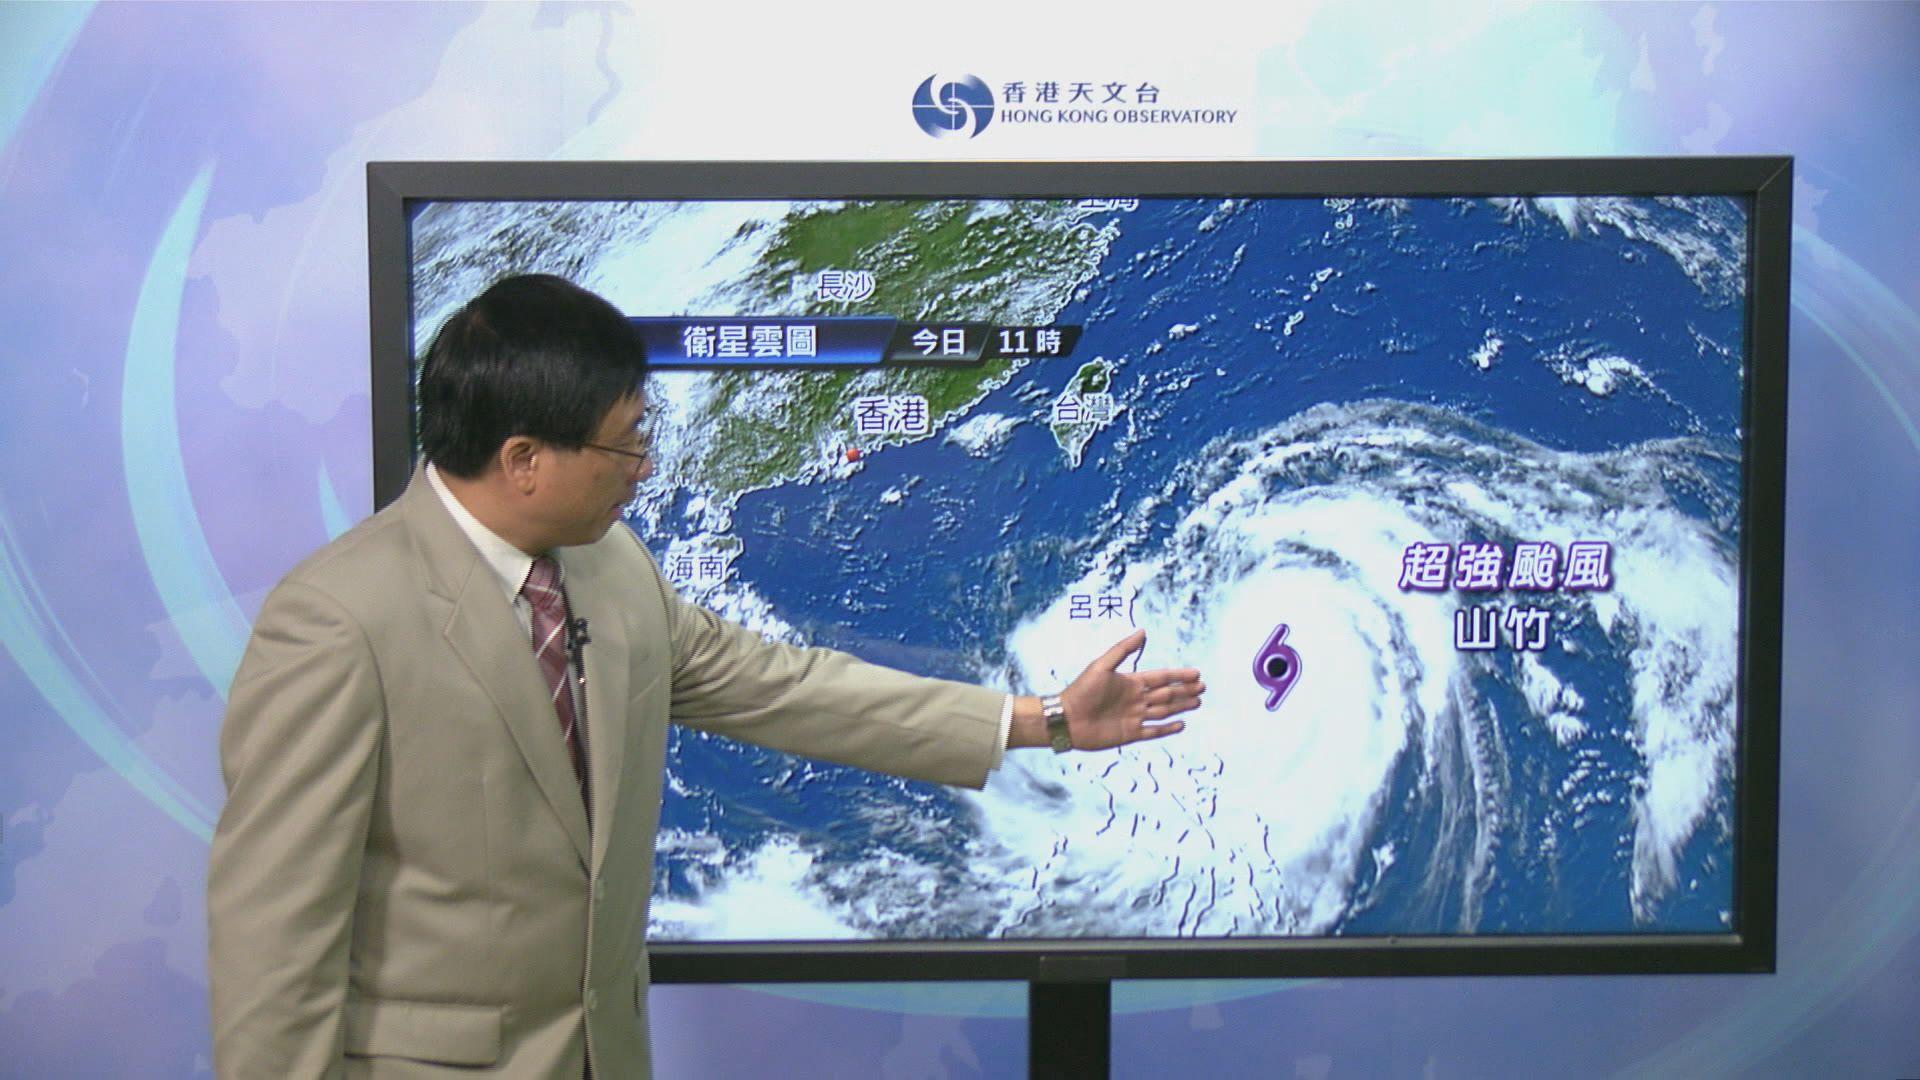 山竹明天進入南海 本港周日天氣惡劣